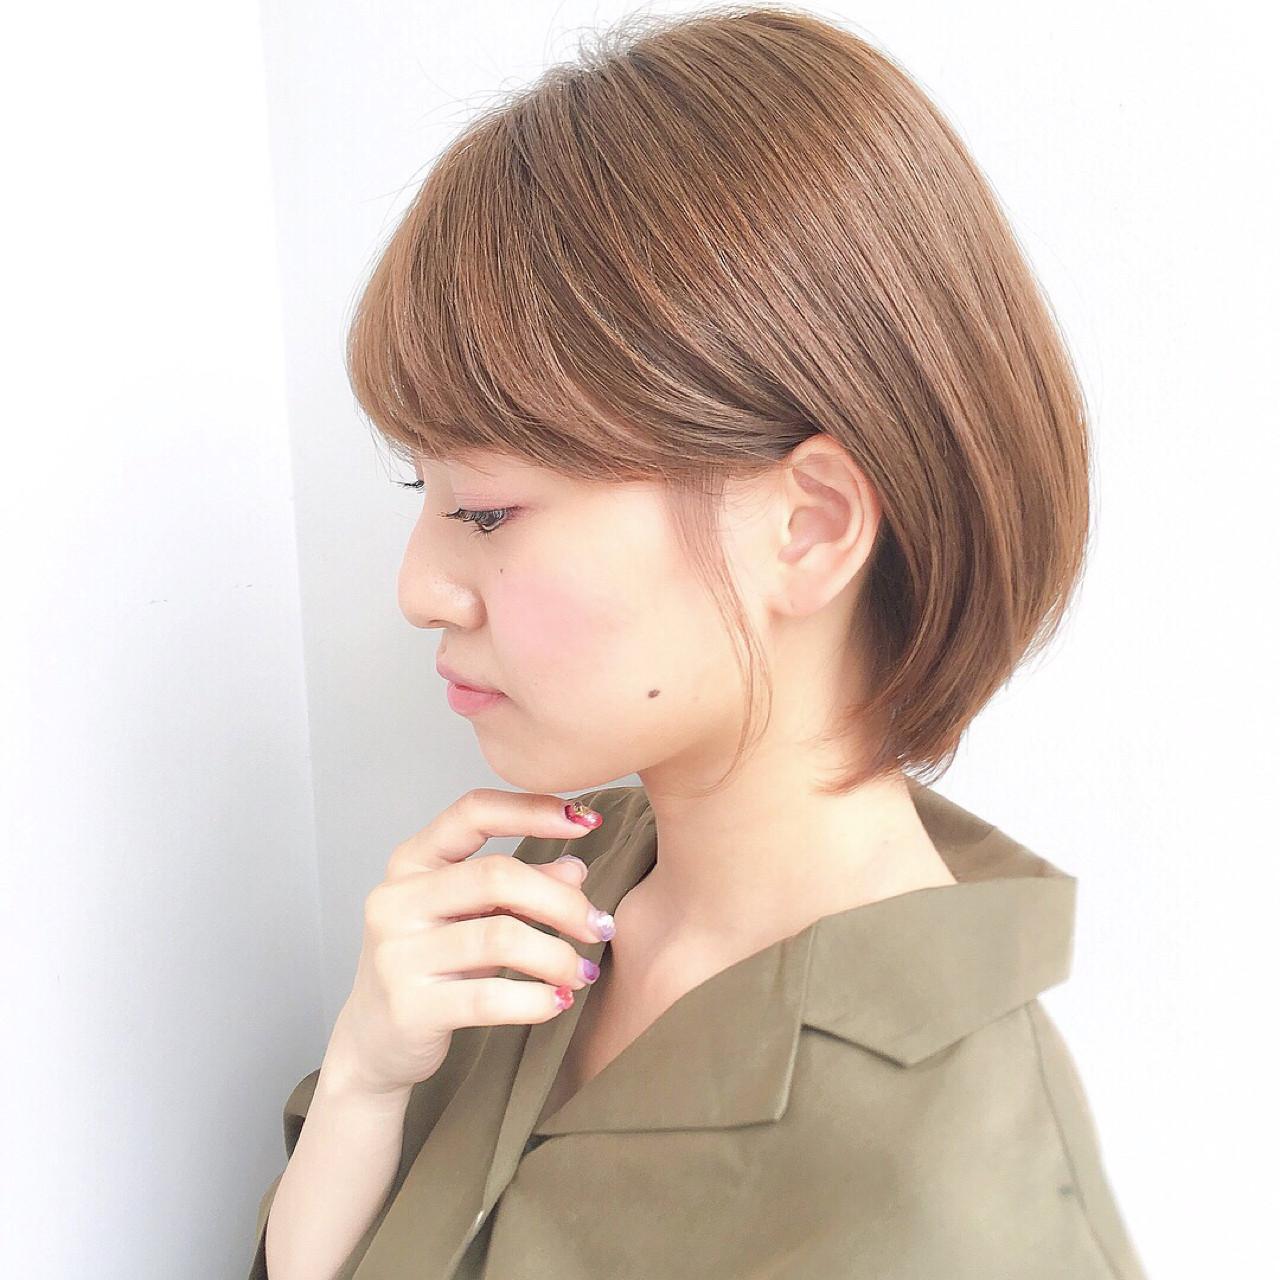 成人式 抜け感 ショート デート ヘアスタイルや髪型の写真・画像 | ショートボブの匠【 山内大成 】『i.hair』 / 『 i. 』 omotesando